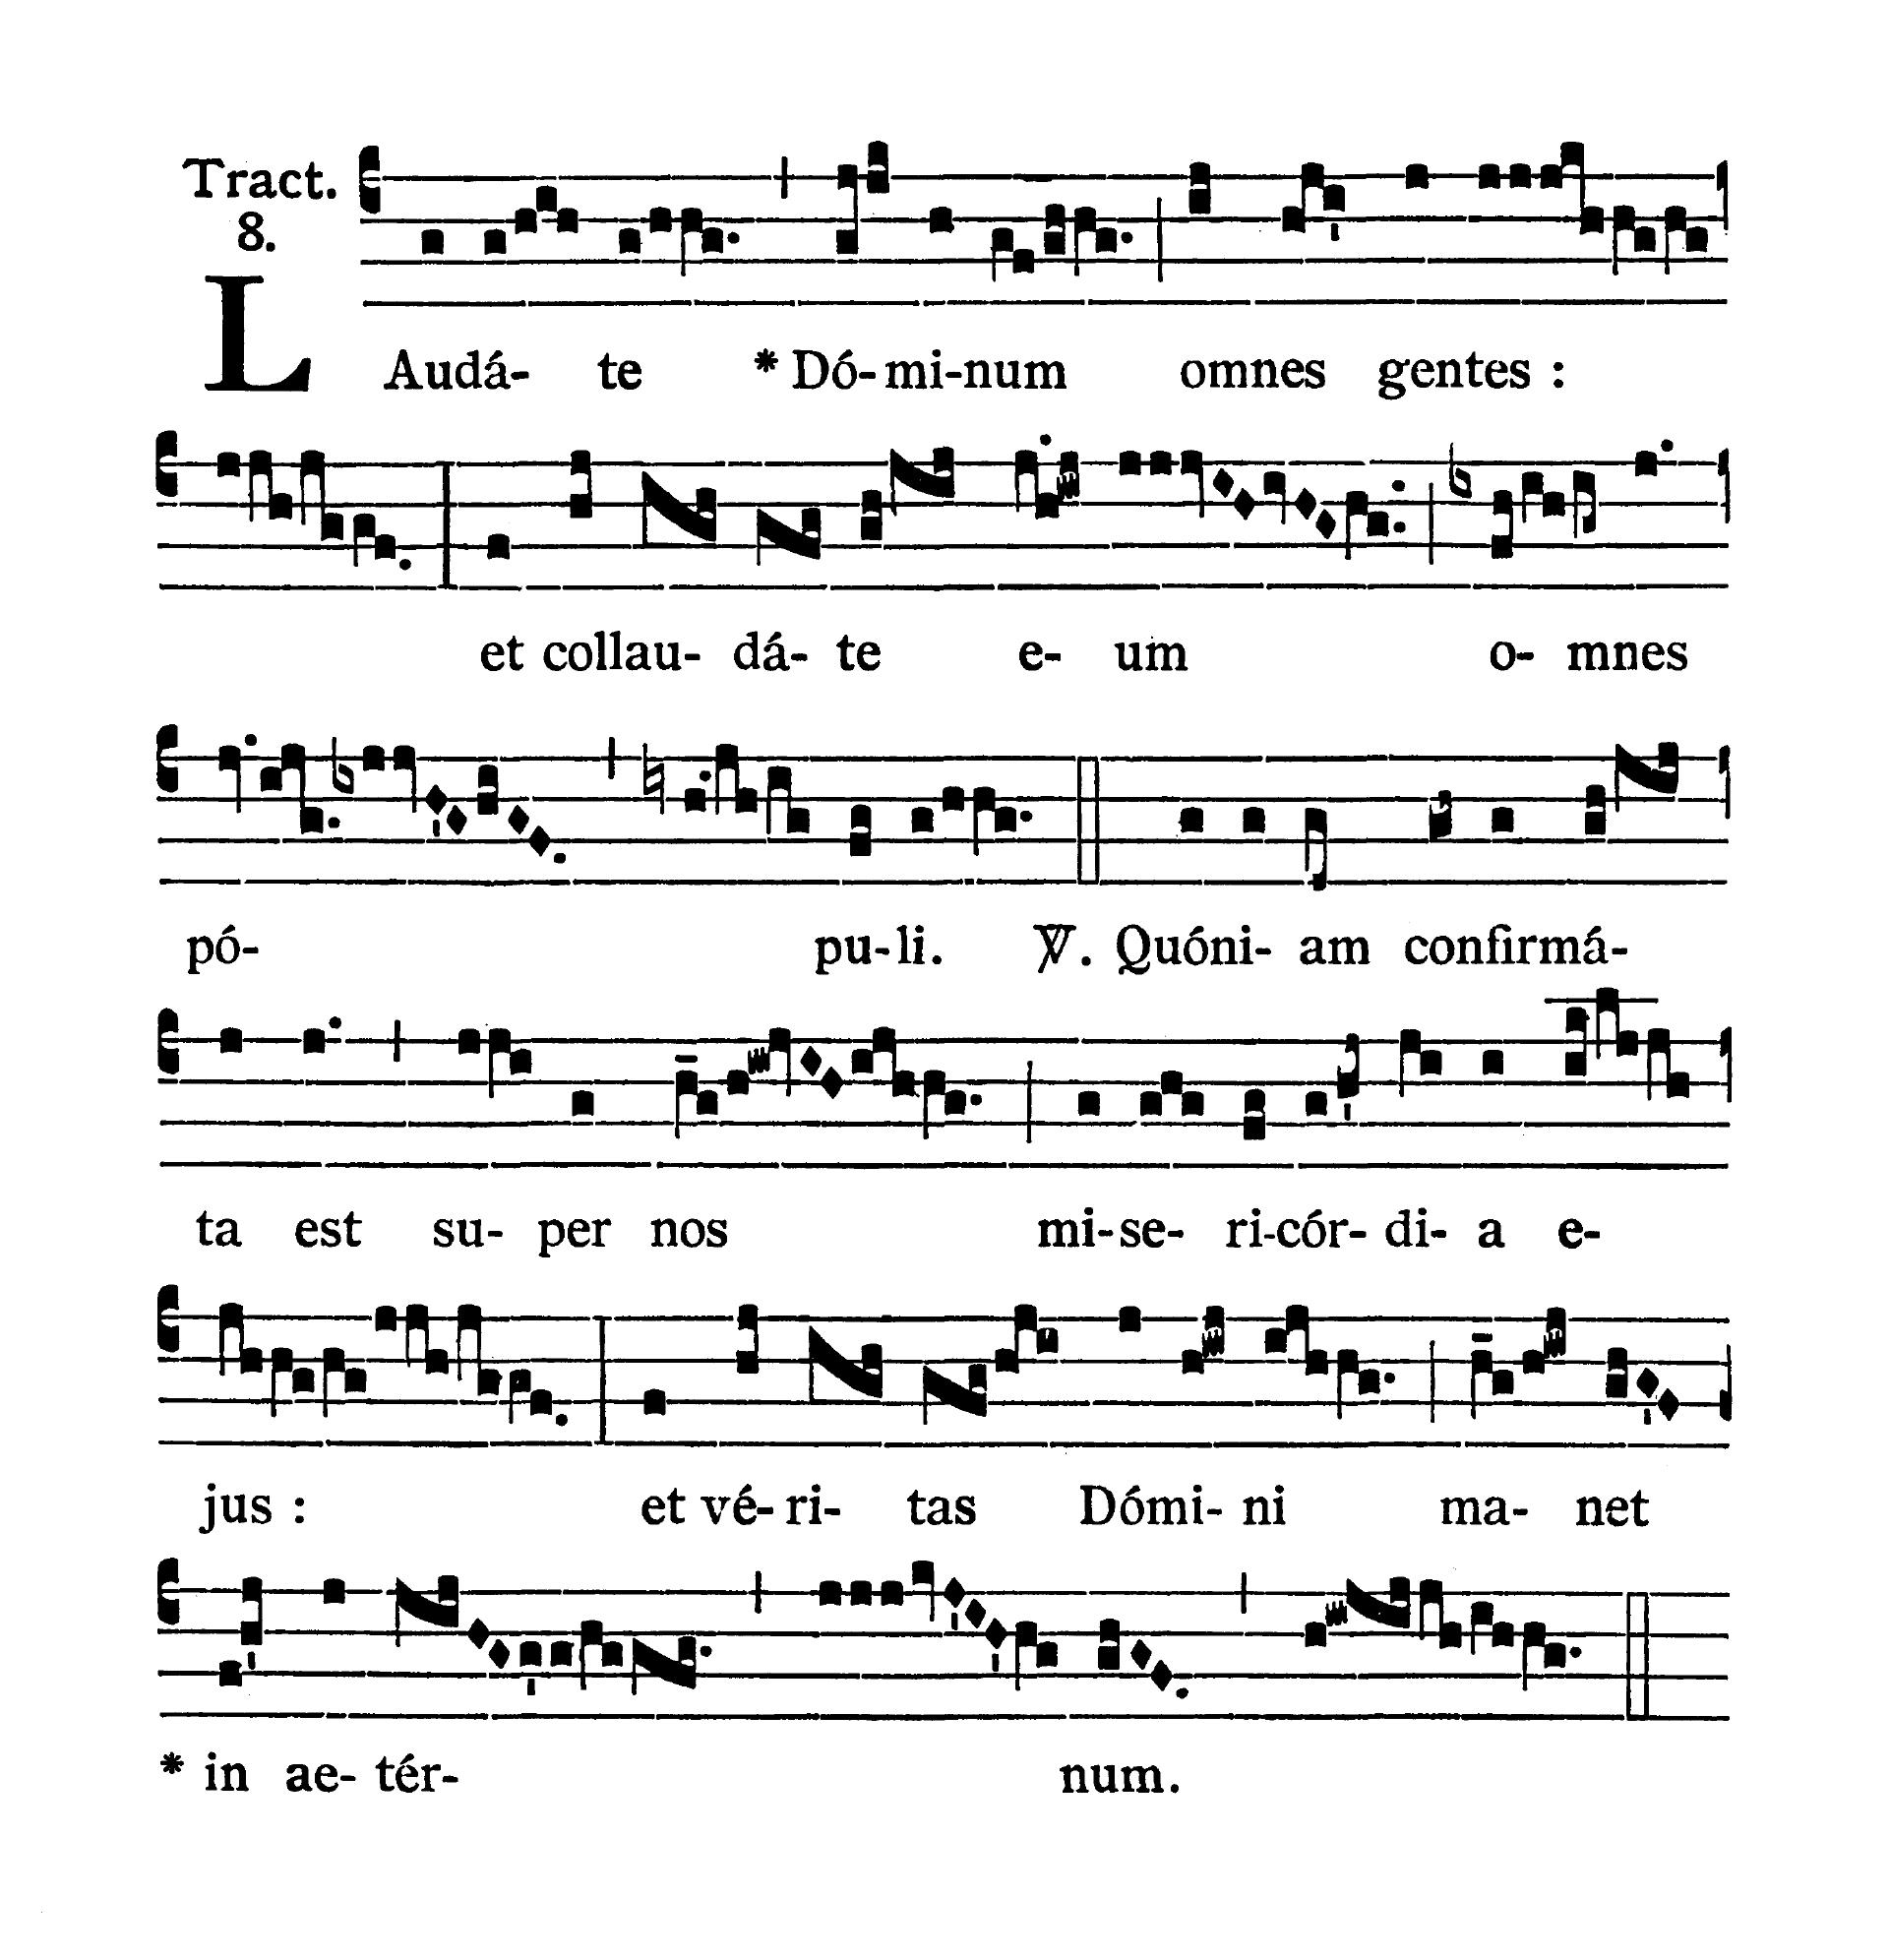 Sabbato Quatuor Temporum Septembris (Sobota suchych dni wrześniowych) - Tractus (Laudate Dominum)